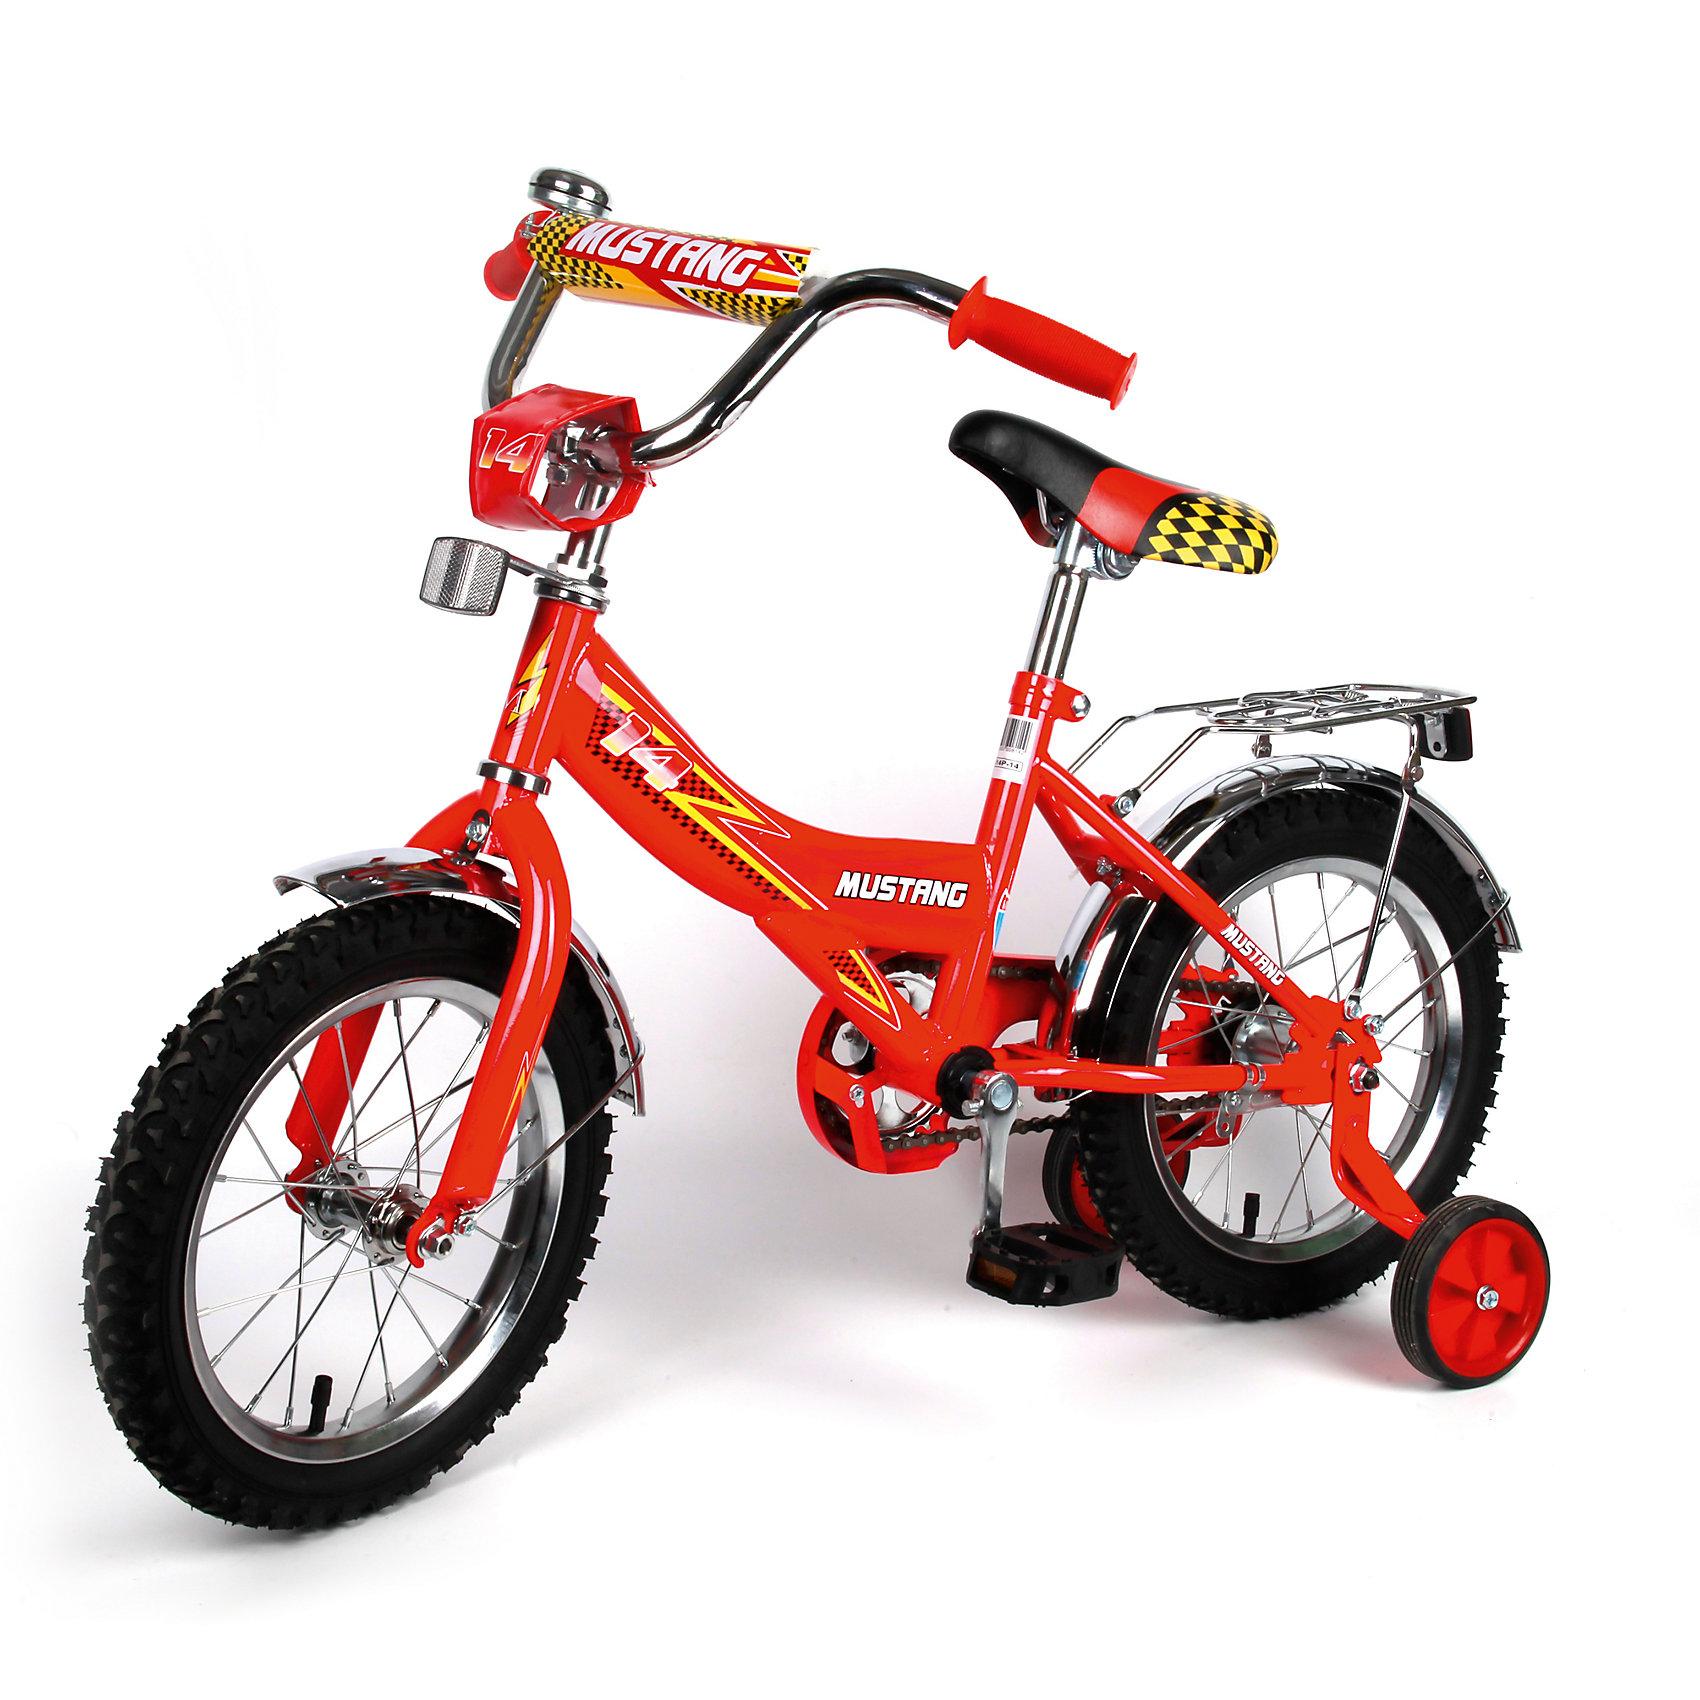 """Детский велосипед,  16"""",  красный, MustangВелосипеды детские<br>Характеристики товара:<br><br>• цвет: красный<br>• низкая Push-рама<br>• диаметр колес:40 см (16)<br>• 1 скорость<br>• задний ножной тормоз<br>• регулируемый хромированный руль BMX с защитной накладкой<br>• багажник<br>• звонок<br>• приставные пластиковые колеса с усиленным кронштейном<br>• усиленные хромированные крылья<br>• откидная подножка хромированная средняя<br>• полная защита цепи """"Р"""" типа<br>• вес: 11,5 кг<br>• размер в собранном виде: 53х81х111 см<br>• допустимый вес: до 40 кг<br>• рекомендуемый возраст: от 3 лет<br>• страна производства: Китай<br><br>Велосипед детский «Mustang» 16"""" можно купить в нашем магазине.<br><br>Ширина мм: 530<br>Глубина мм: 810<br>Высота мм: 1110<br>Вес г: 11500<br>Возраст от месяцев: 36<br>Возраст до месяцев: 84<br>Пол: Женский<br>Возраст: Детский<br>SKU: 5526384"""